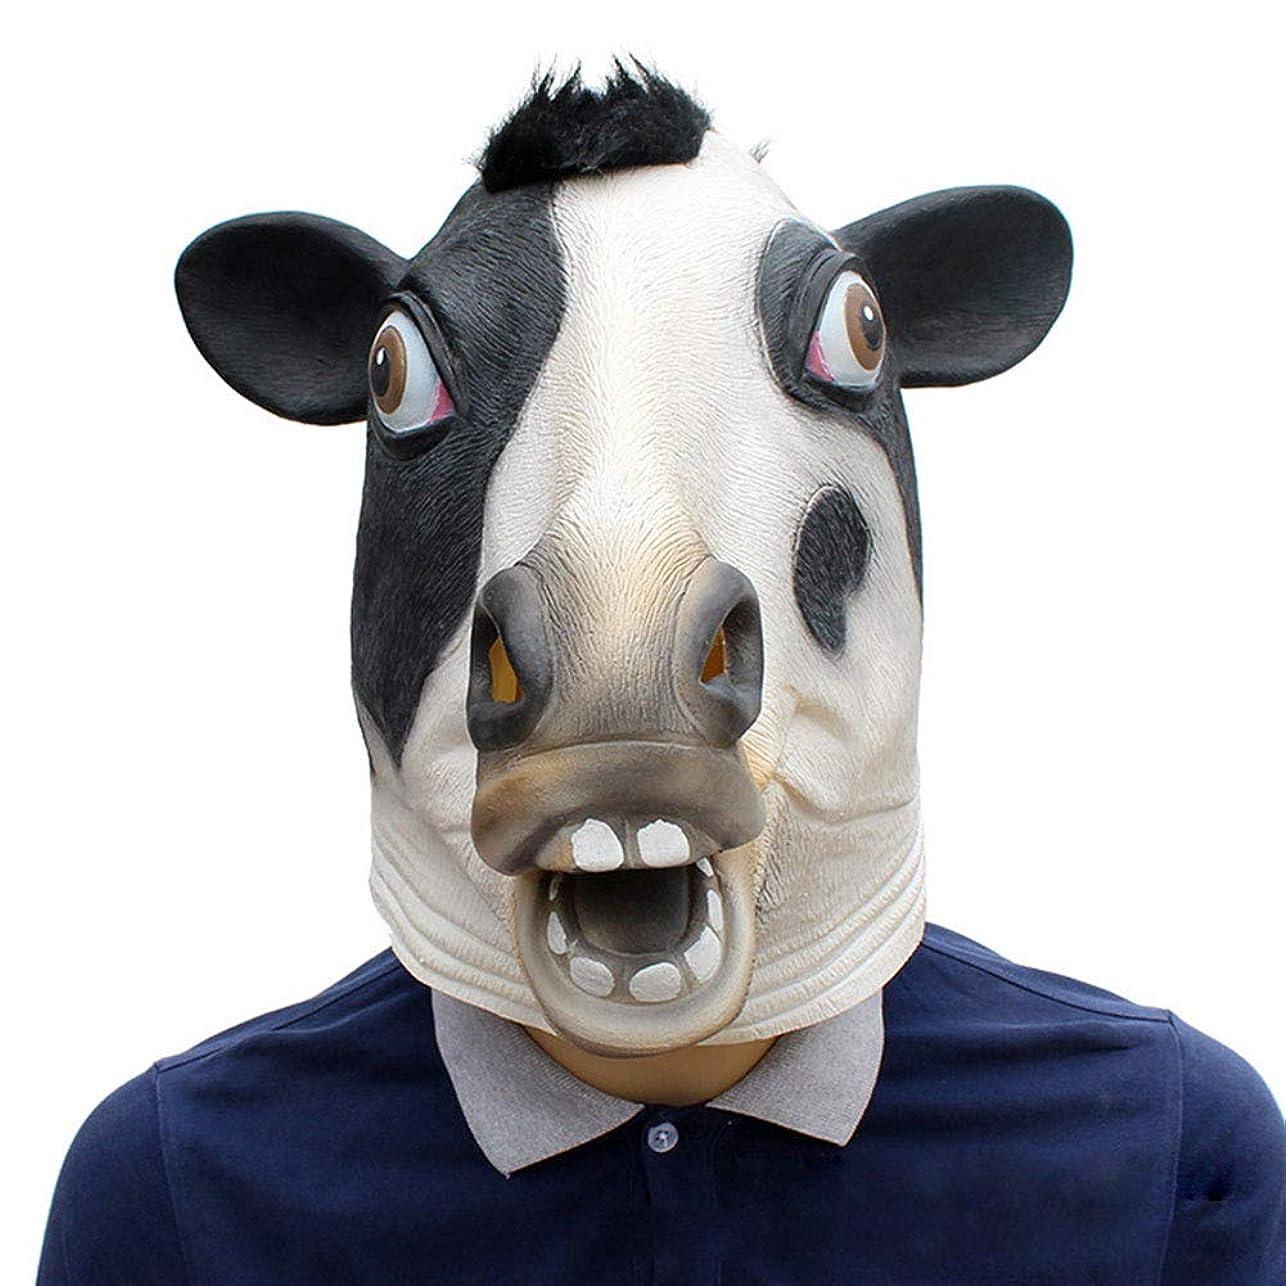 ユーモア合併症デュアルハロウィーンマスク、牛ラテックスマスク、ハロウィーン、テーマパーティー、カーニバル、レイブパーティー、バー、小道具、映画。